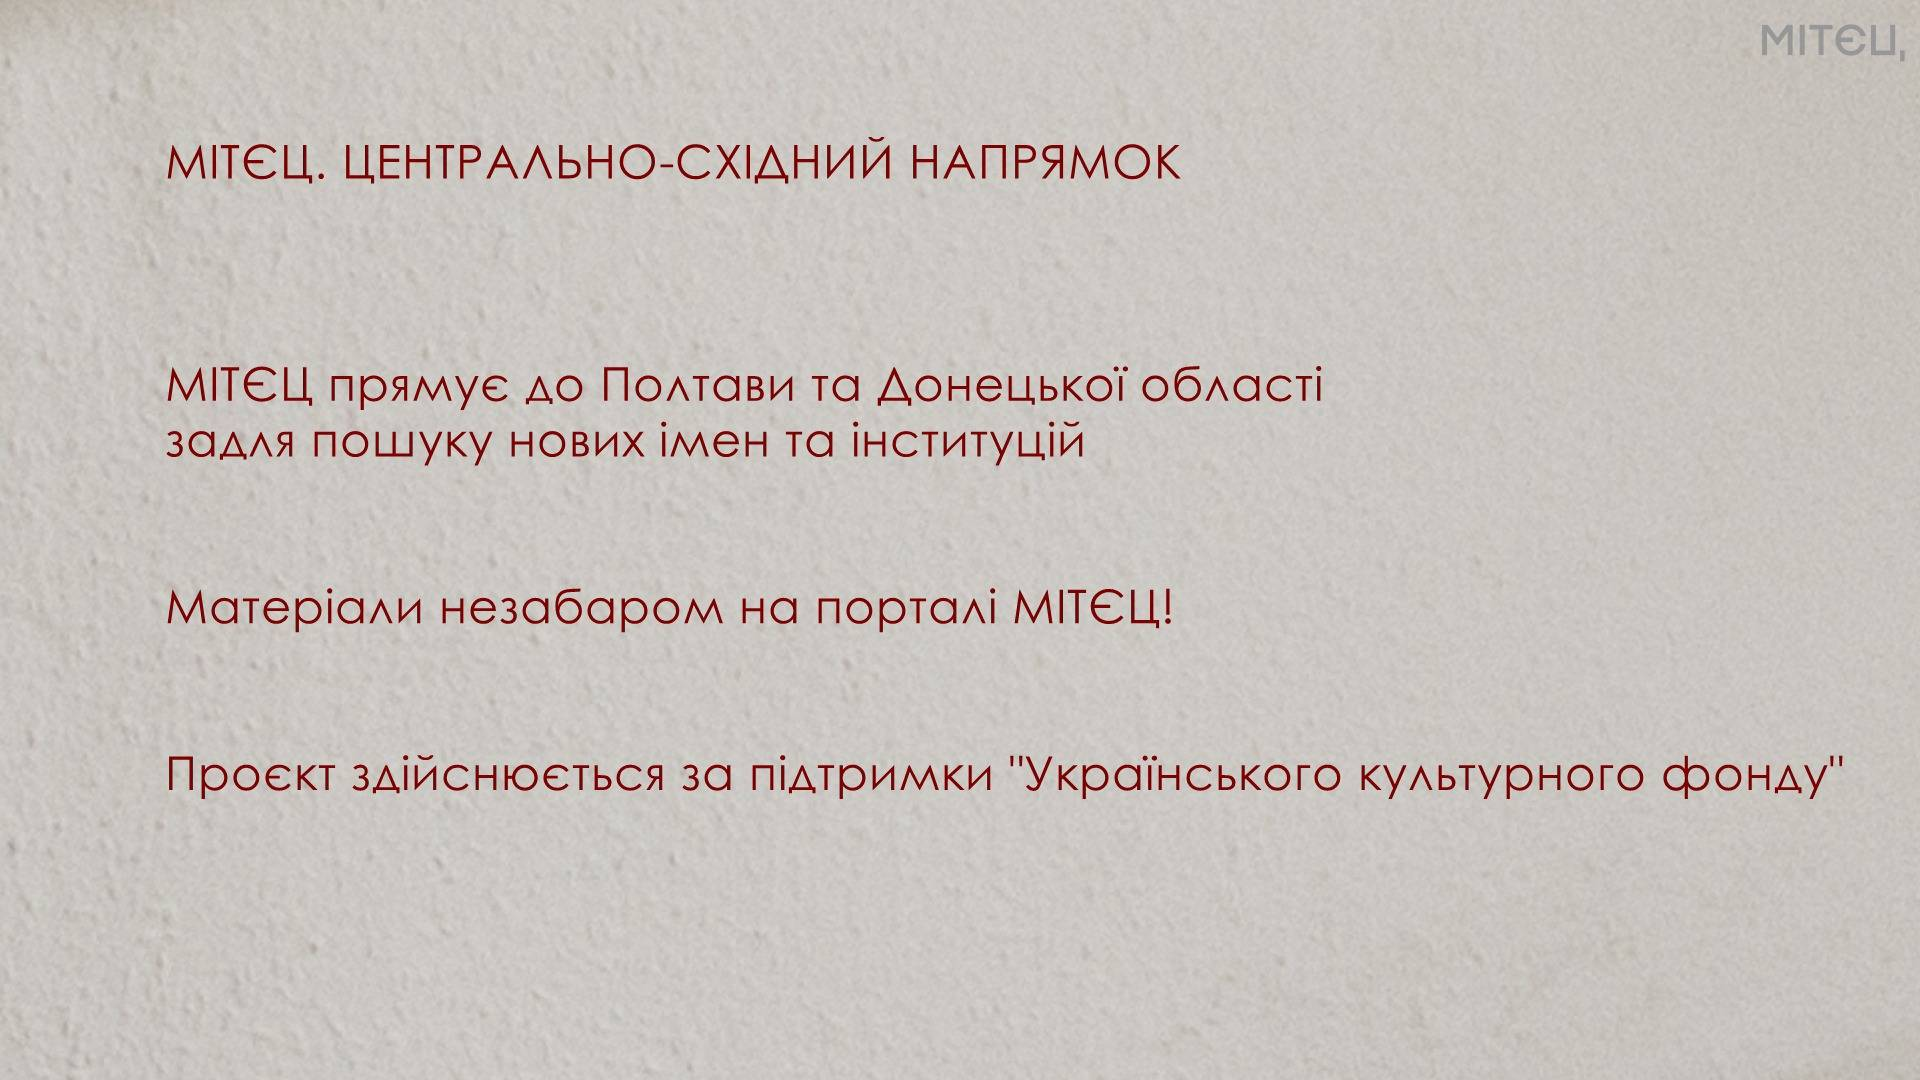 МІТЄЦ у Полтаві та Донецькій області